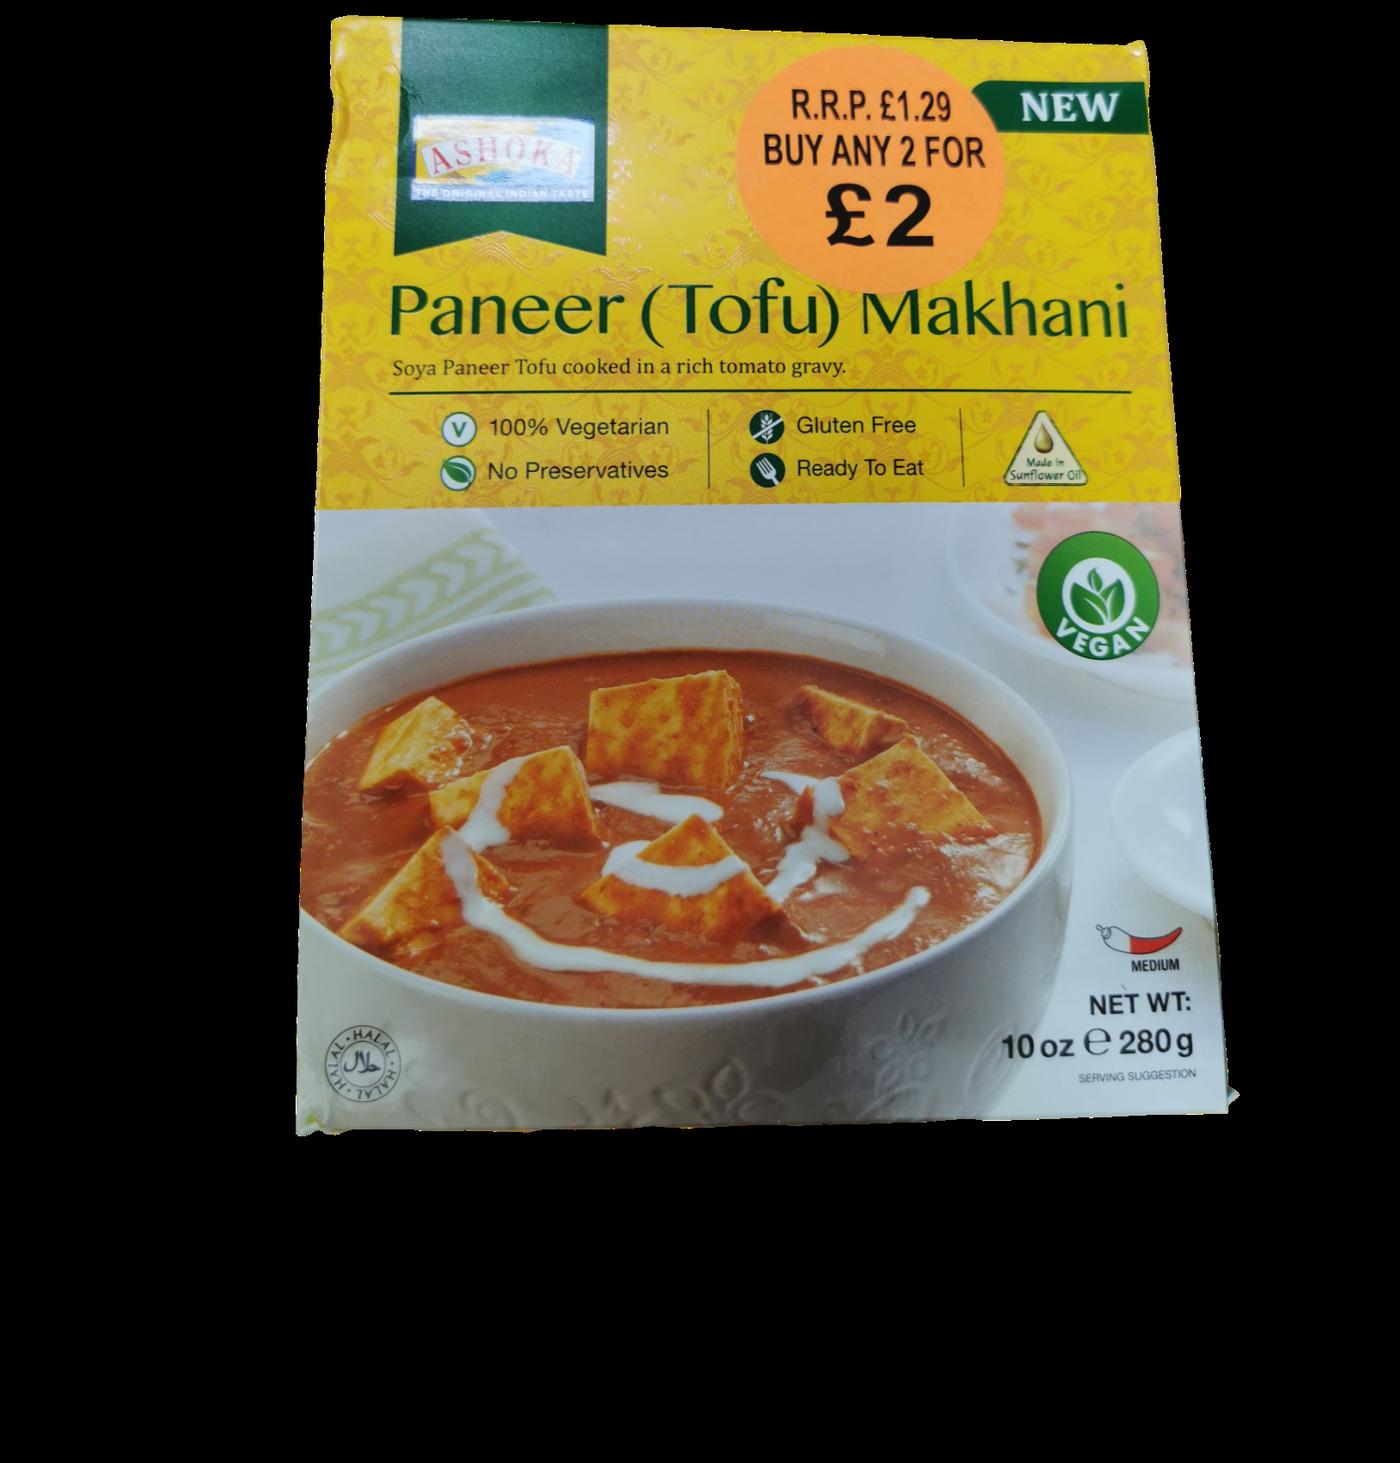 Ashoka Paneer(Tofu) Makhani (Vegan)